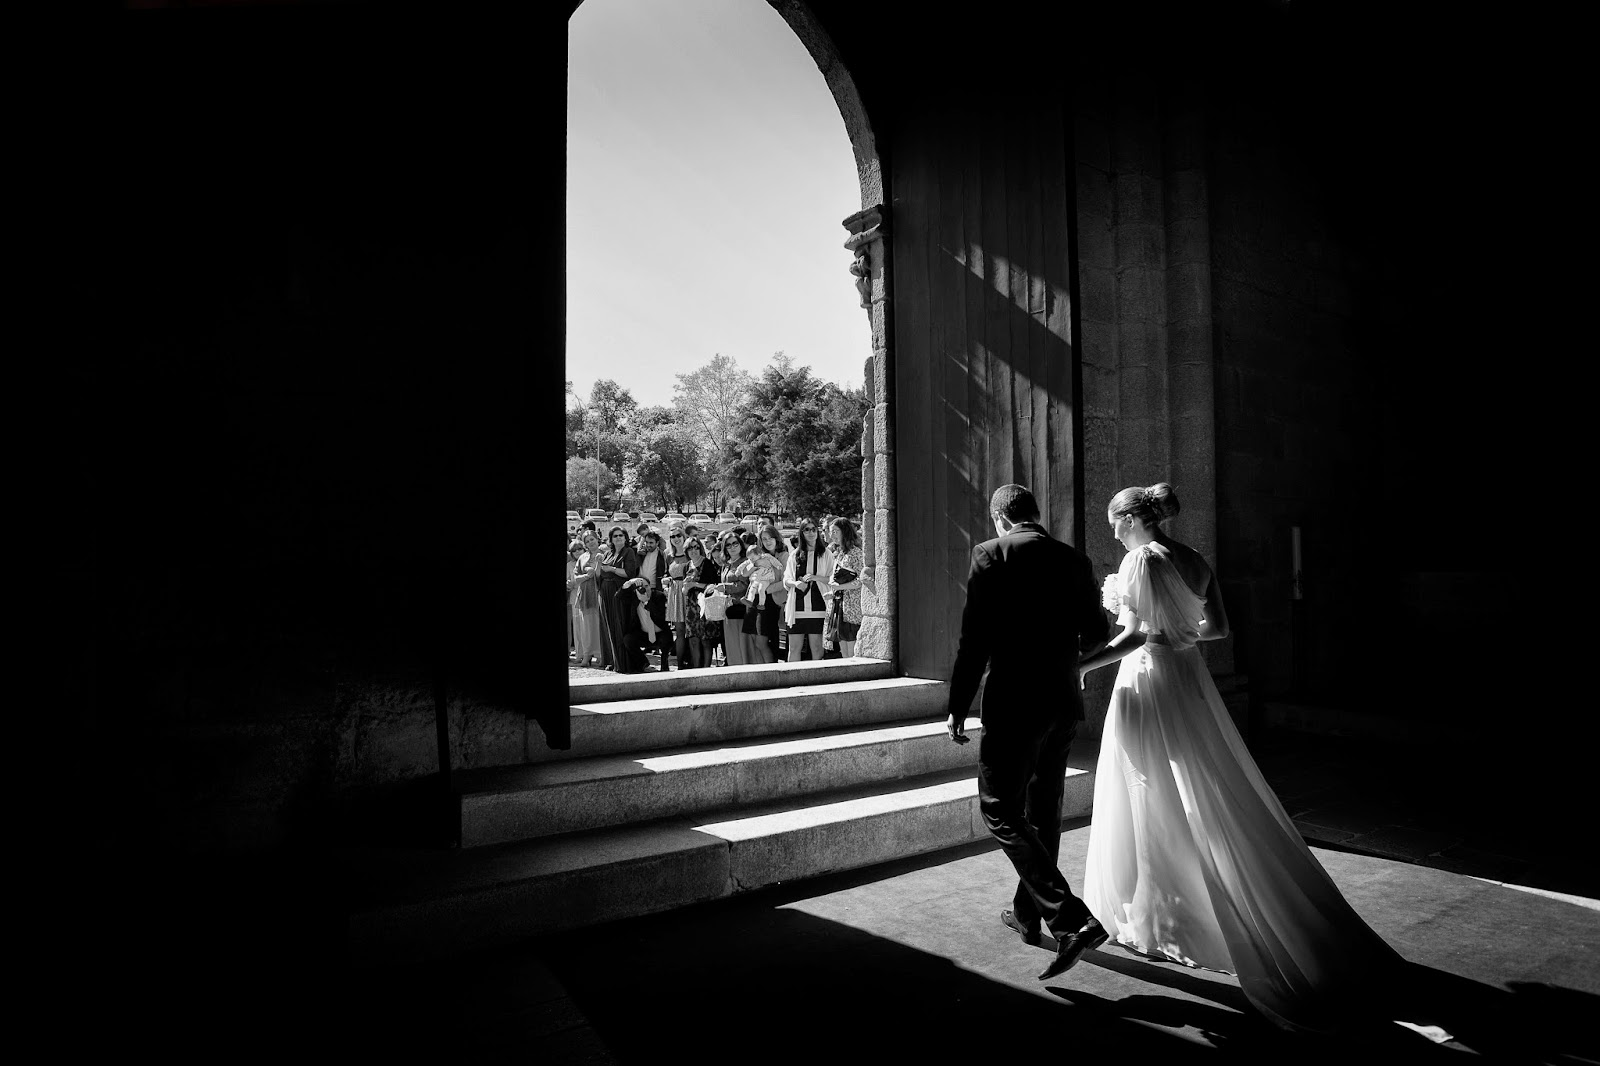 nelson marques gran fotografo para tu boda blog bodas mi boda gratis